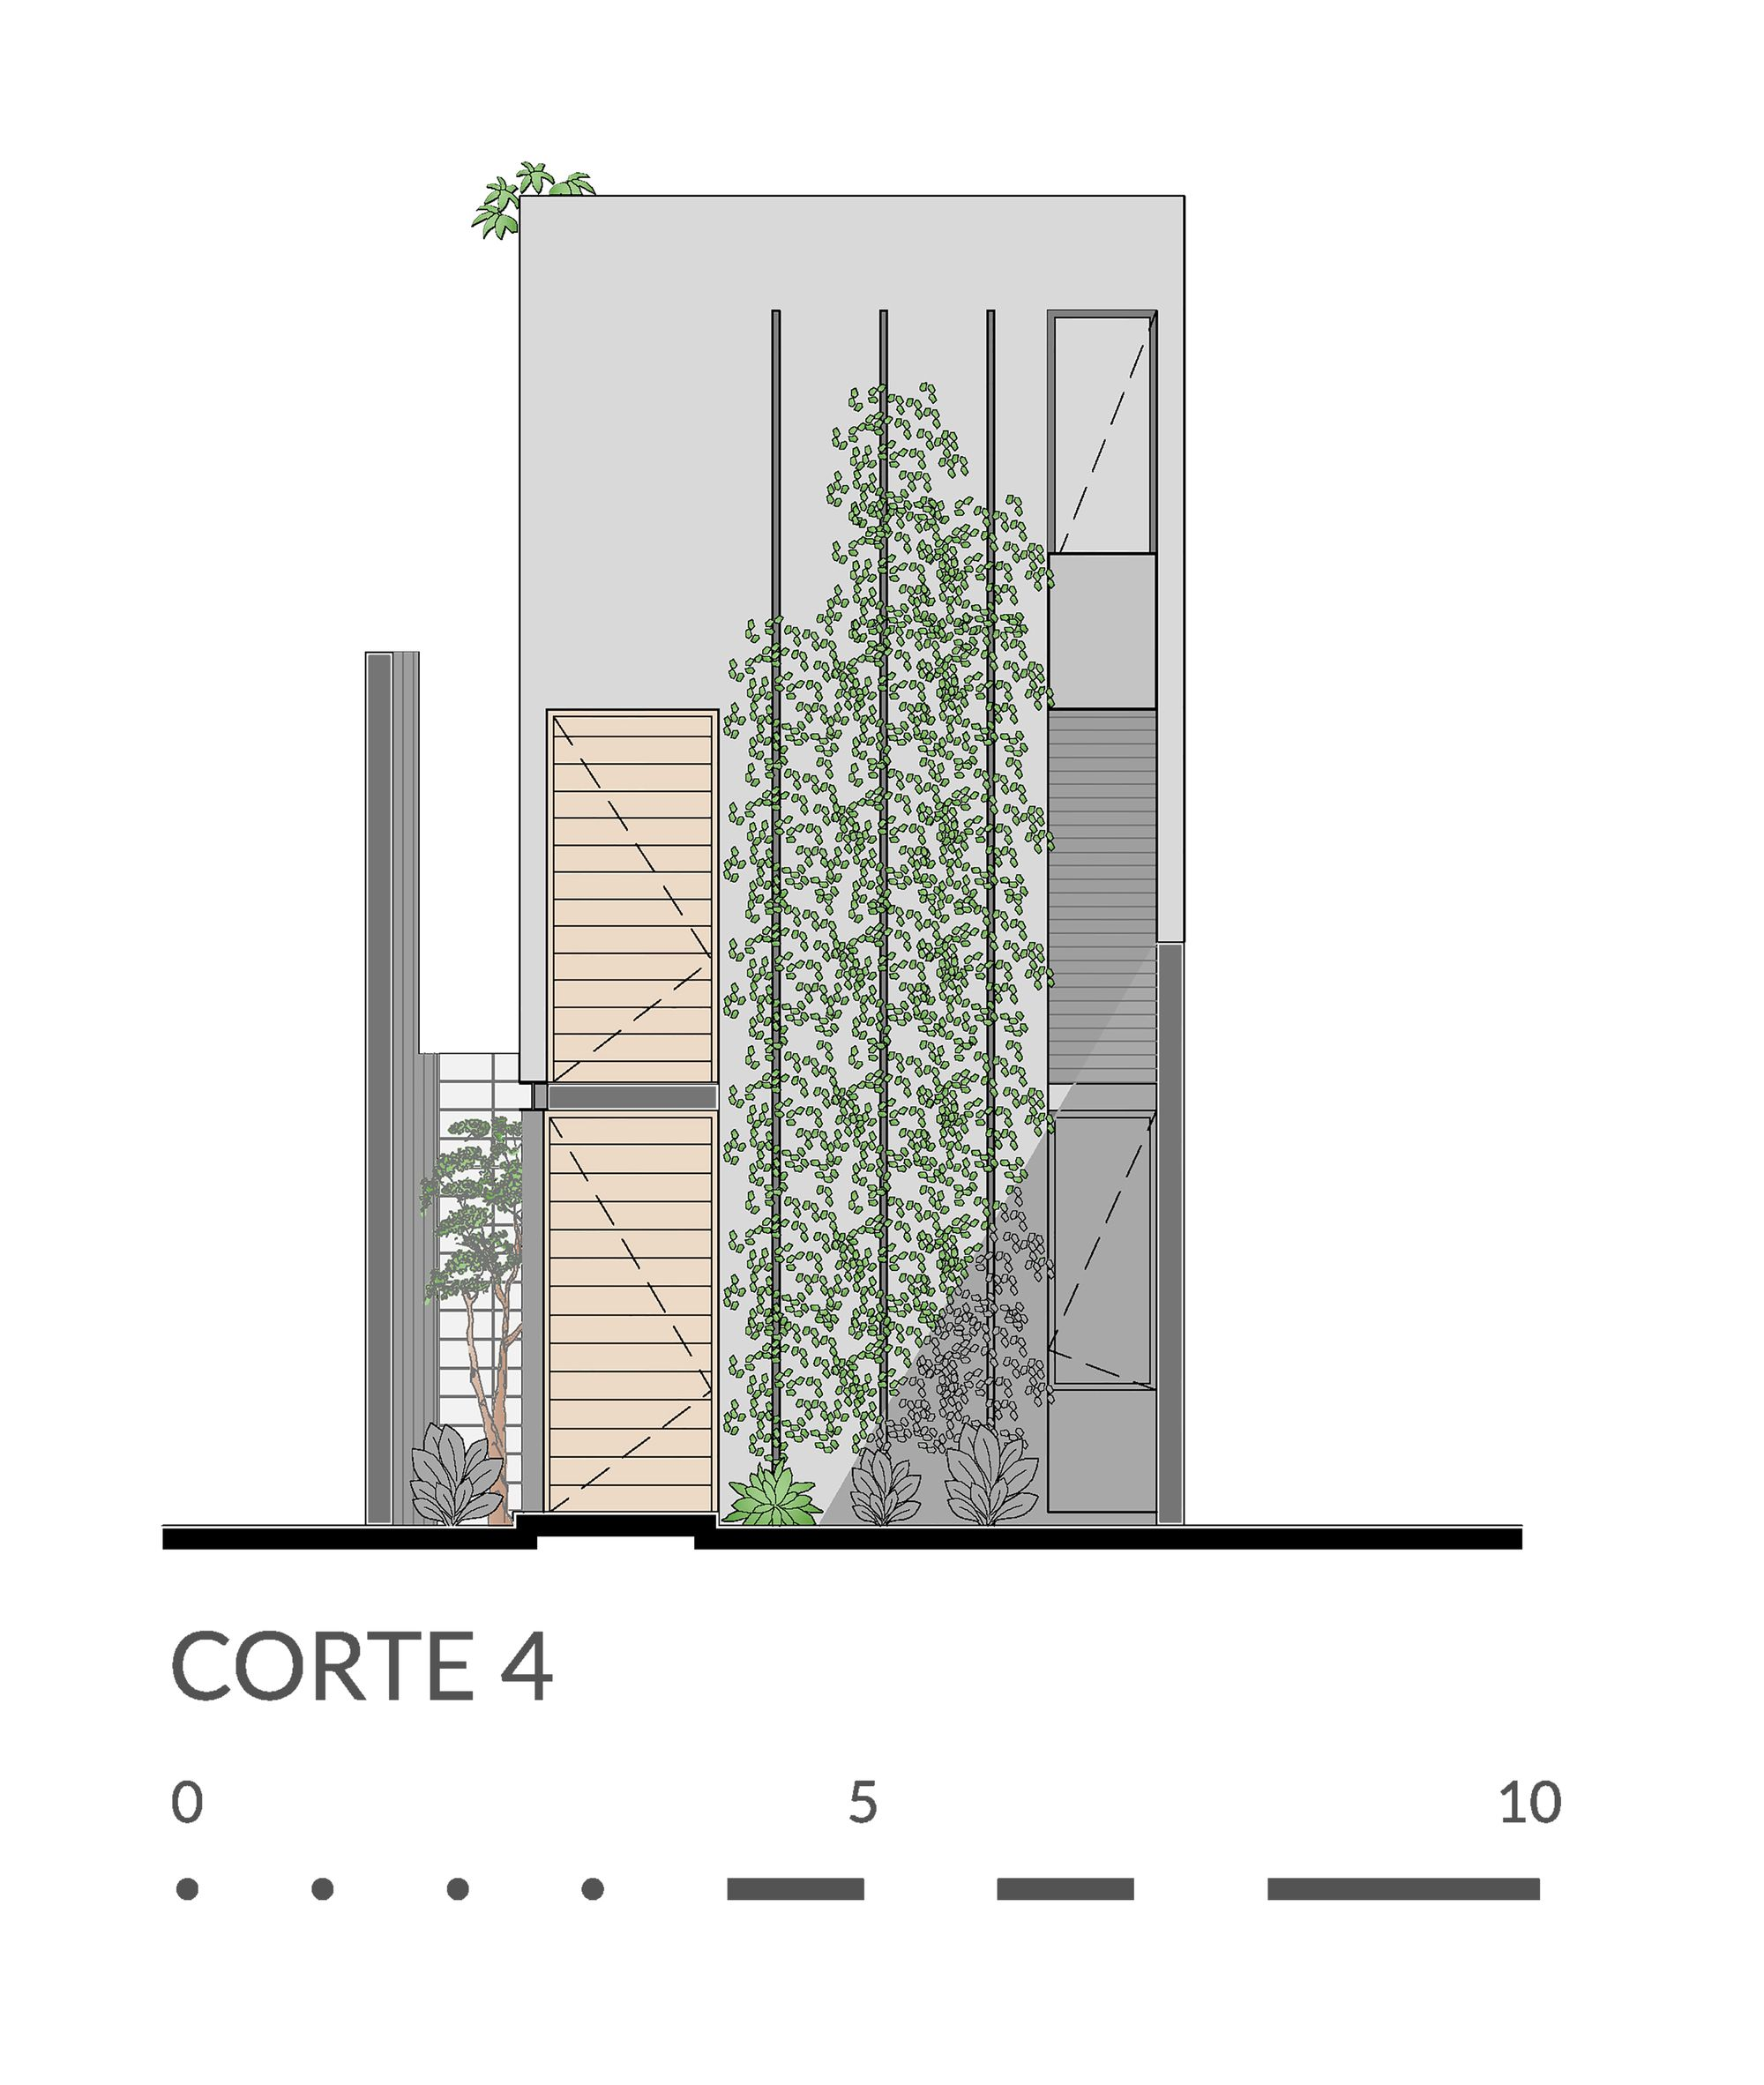 Imagen 37 de 37 de la galería de Casa Desnuda  / Taller Estilo Arquitectura. Corte 4